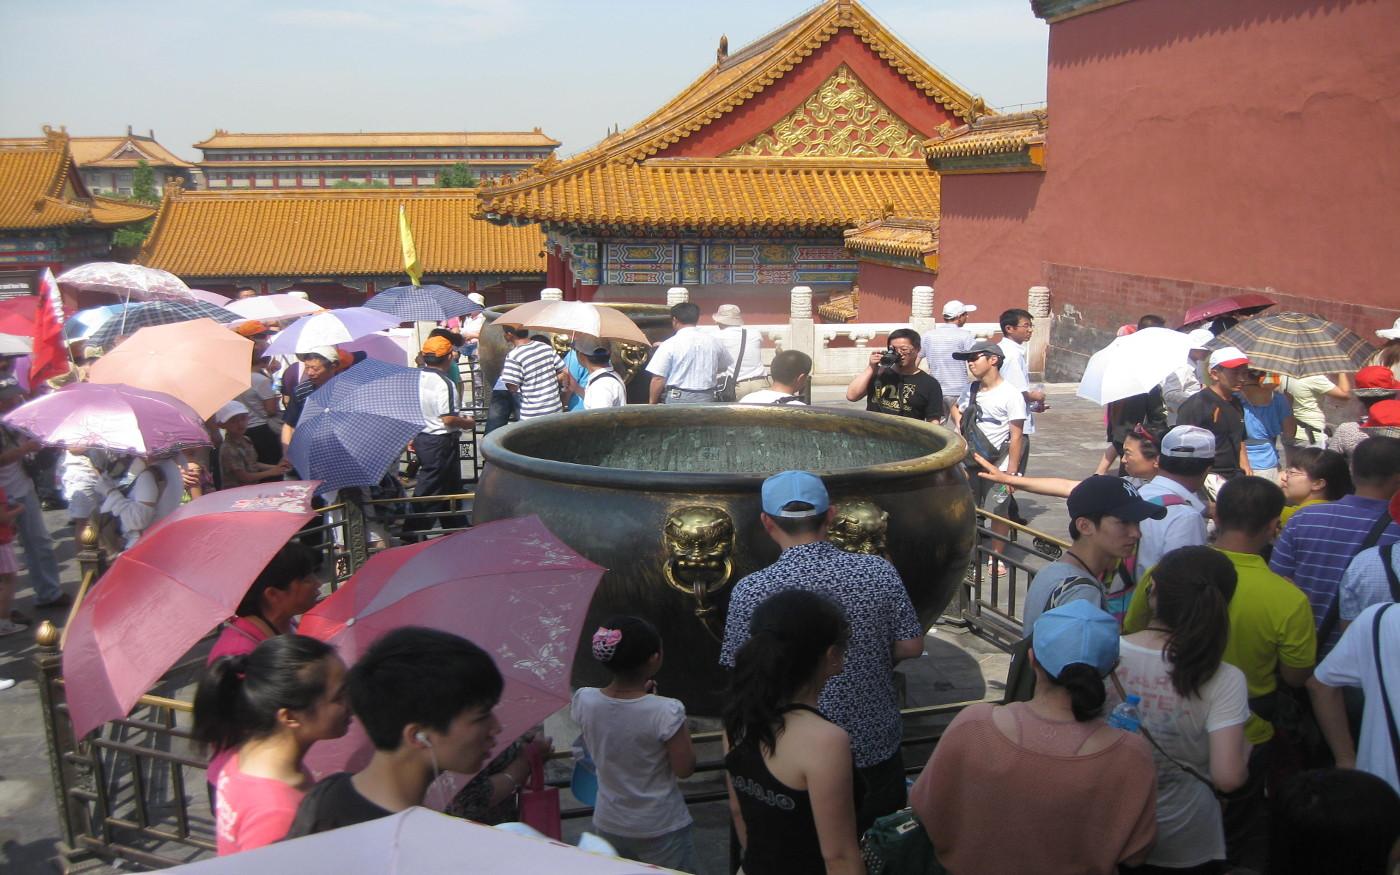 Typisch bei einer Besichtigung der Verbotenen Stadt in Peking - zahlreiche Regen- und Sonnenschirme